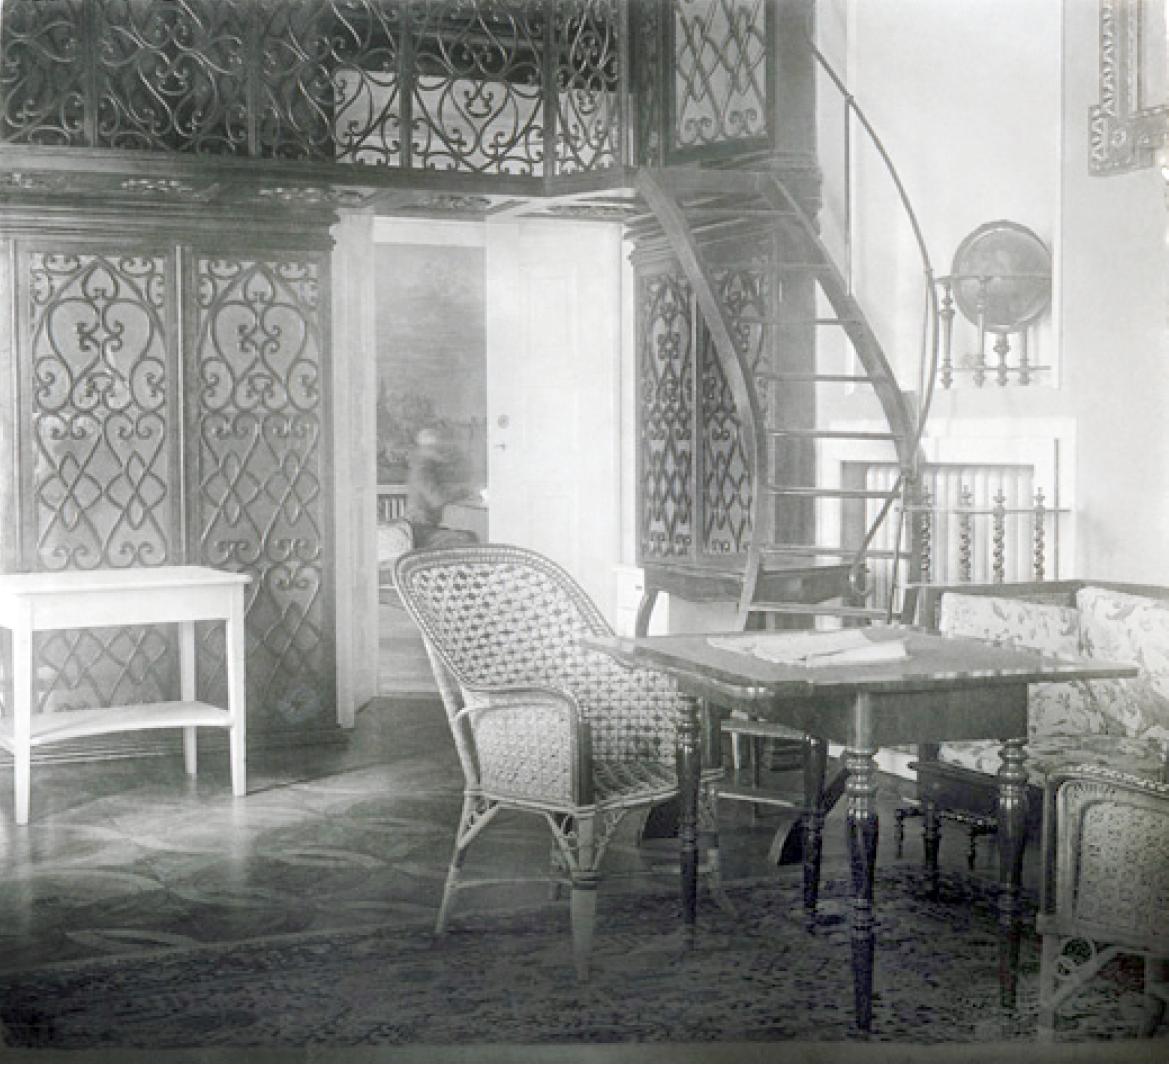 42. 1915. Штаб 46-й пехотной дивизии в замке князя Любомирского. Июнь. Яновец-на-Висле